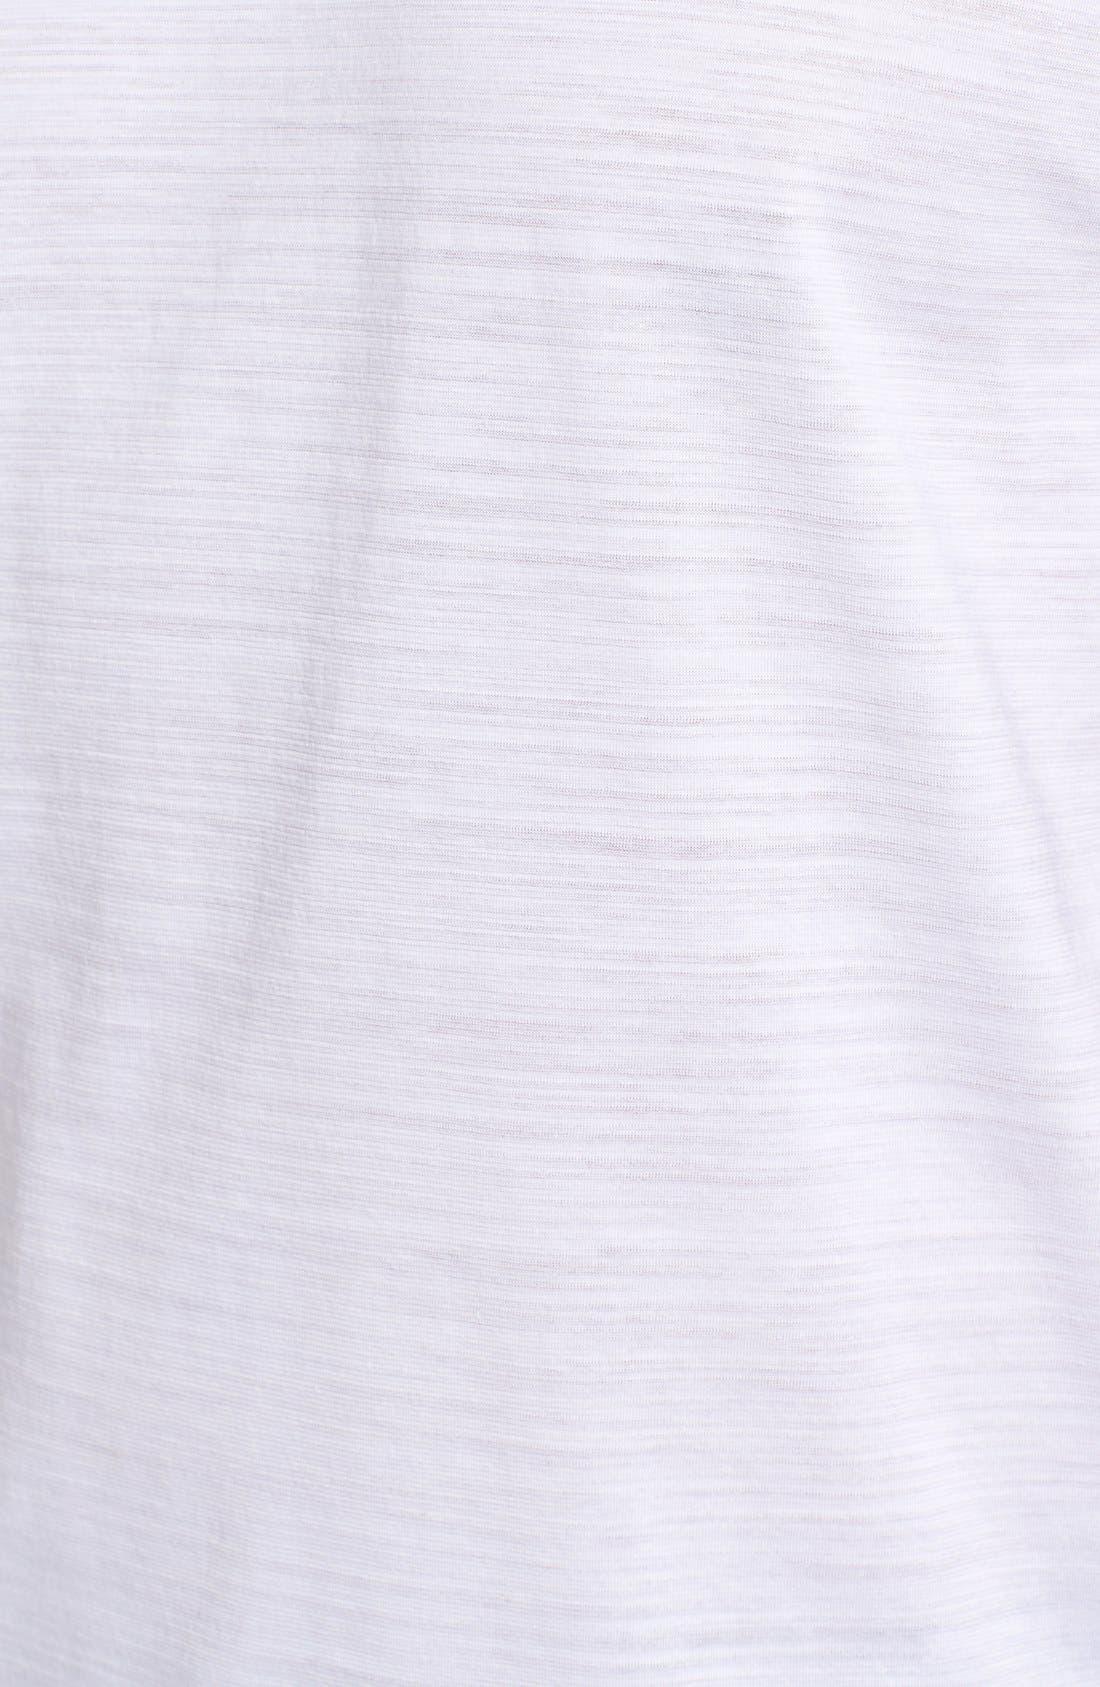 Tilson 50 V-Neck T-Shirt,                             Alternate thumbnail 5, color,                             White